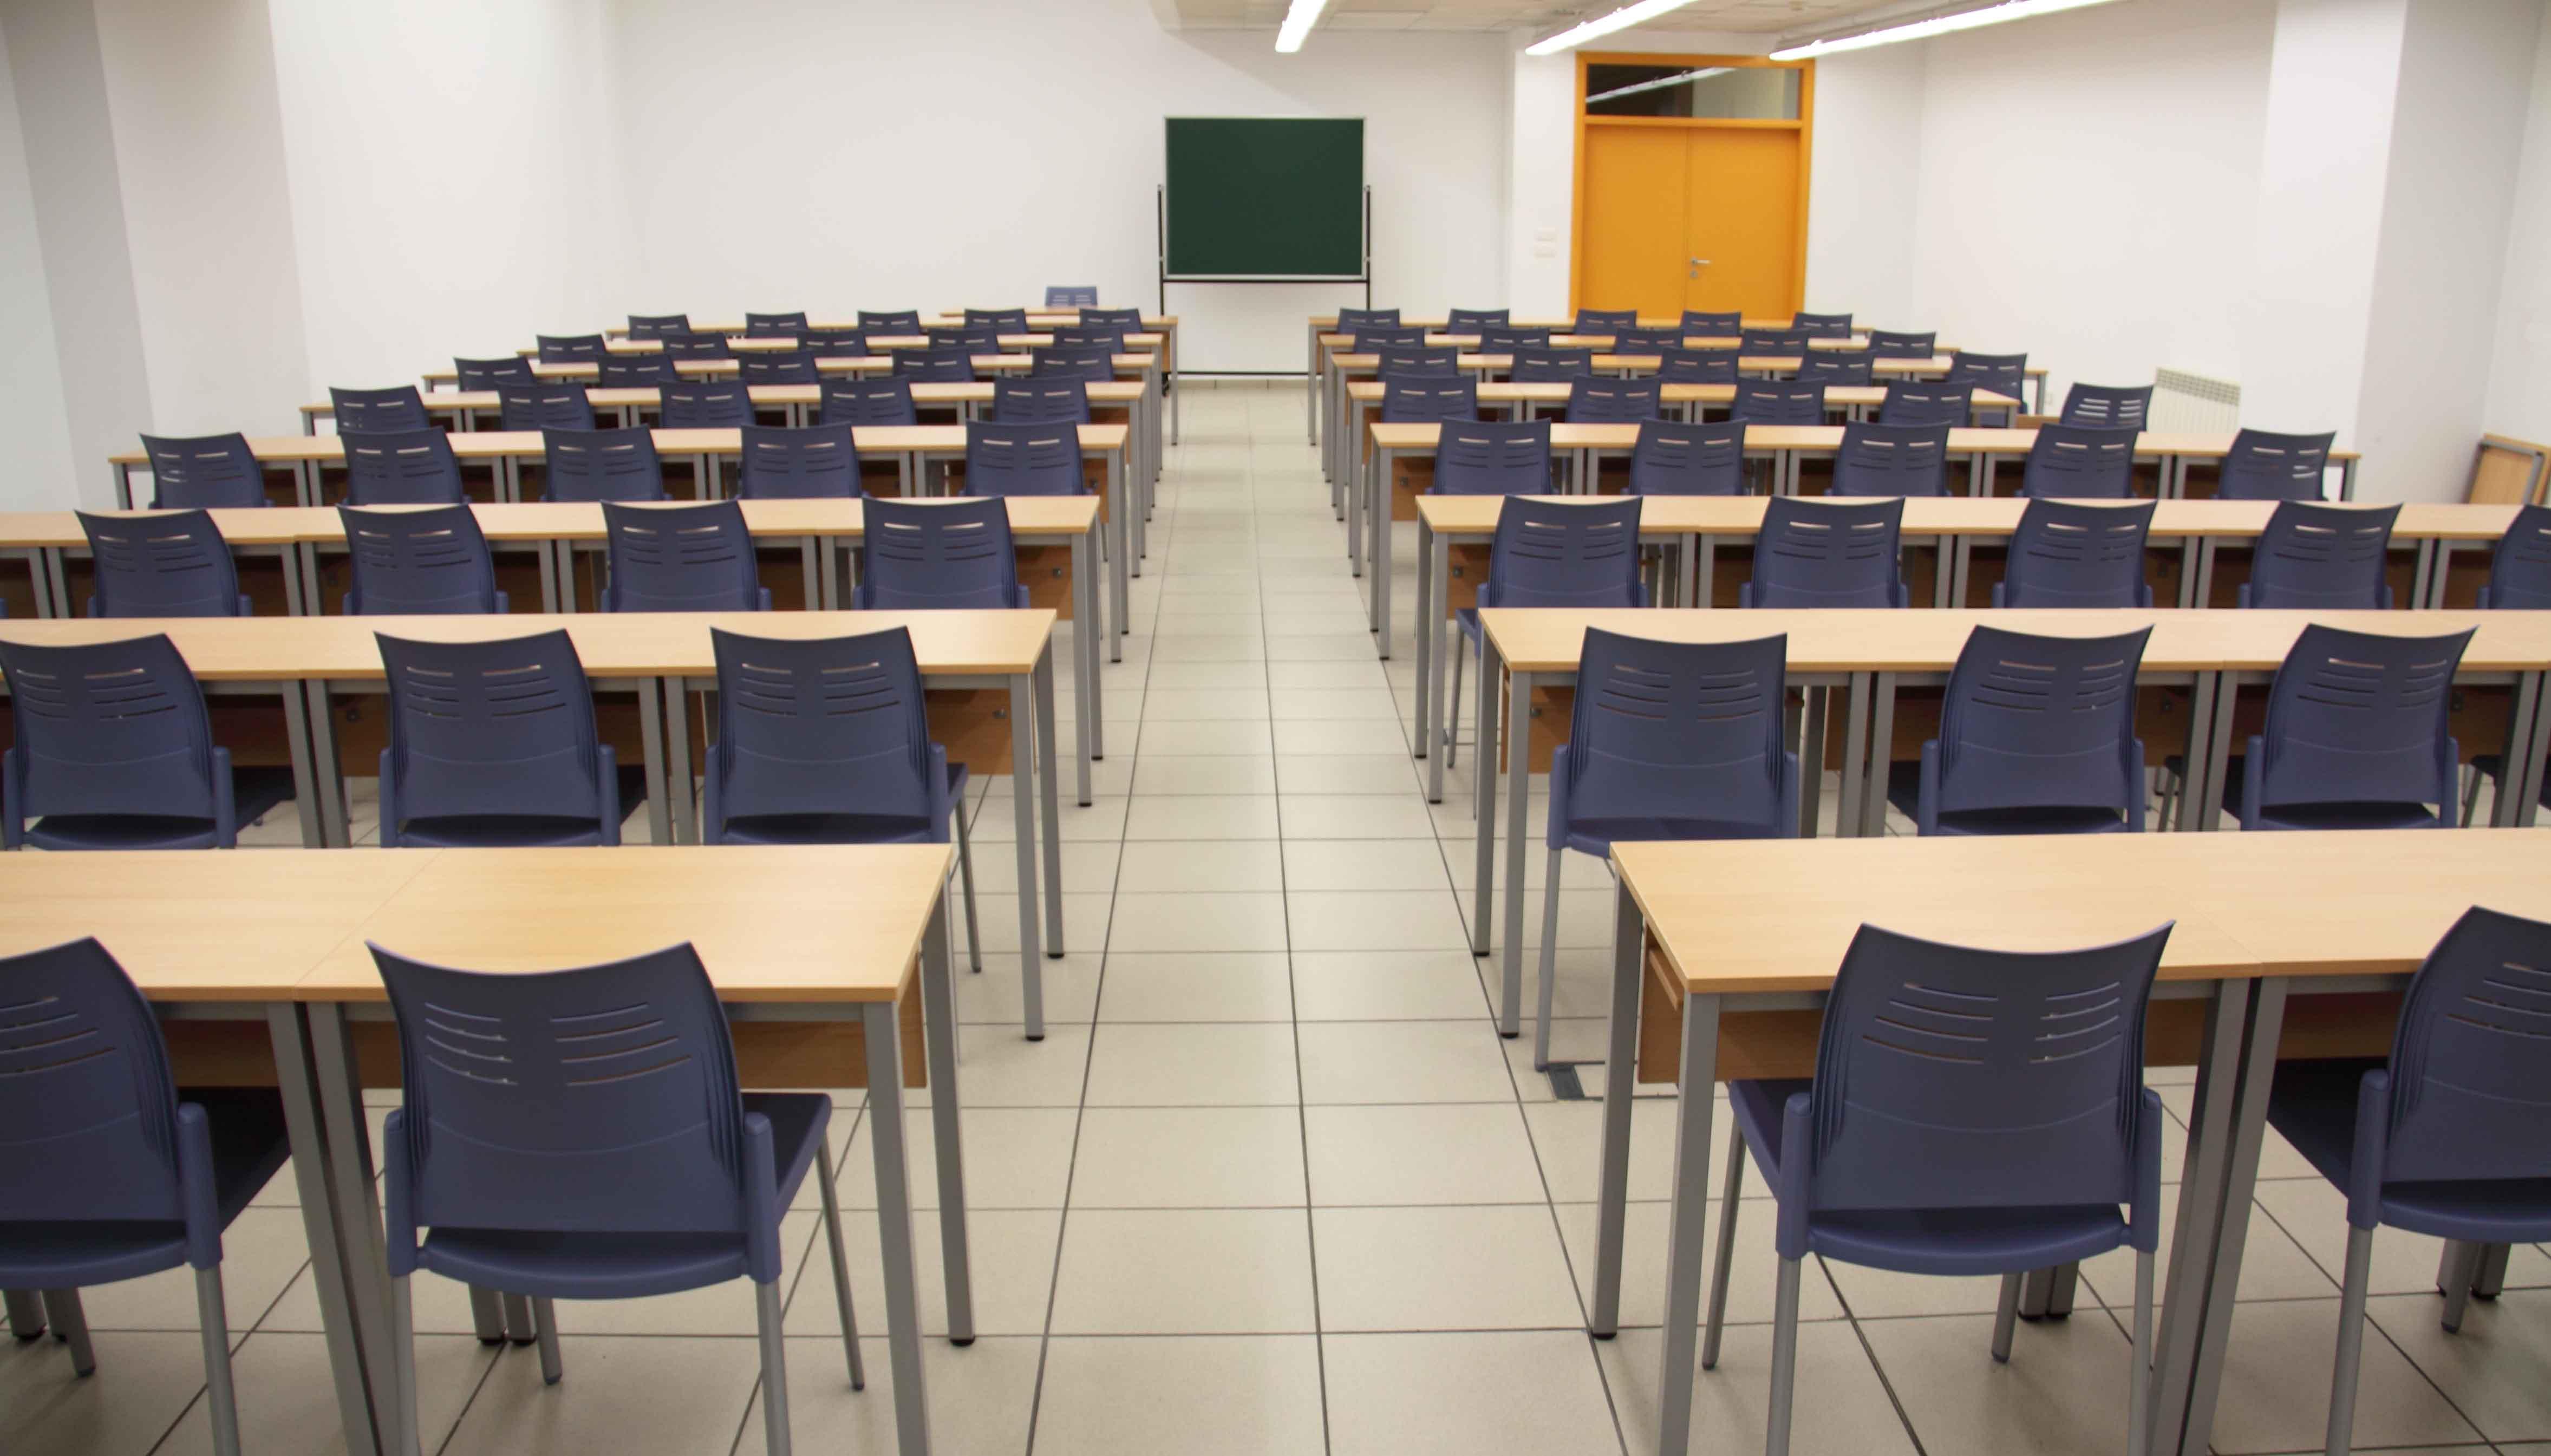 Equipamiento escolar UVA trasera | Muebles de oficina Spacio